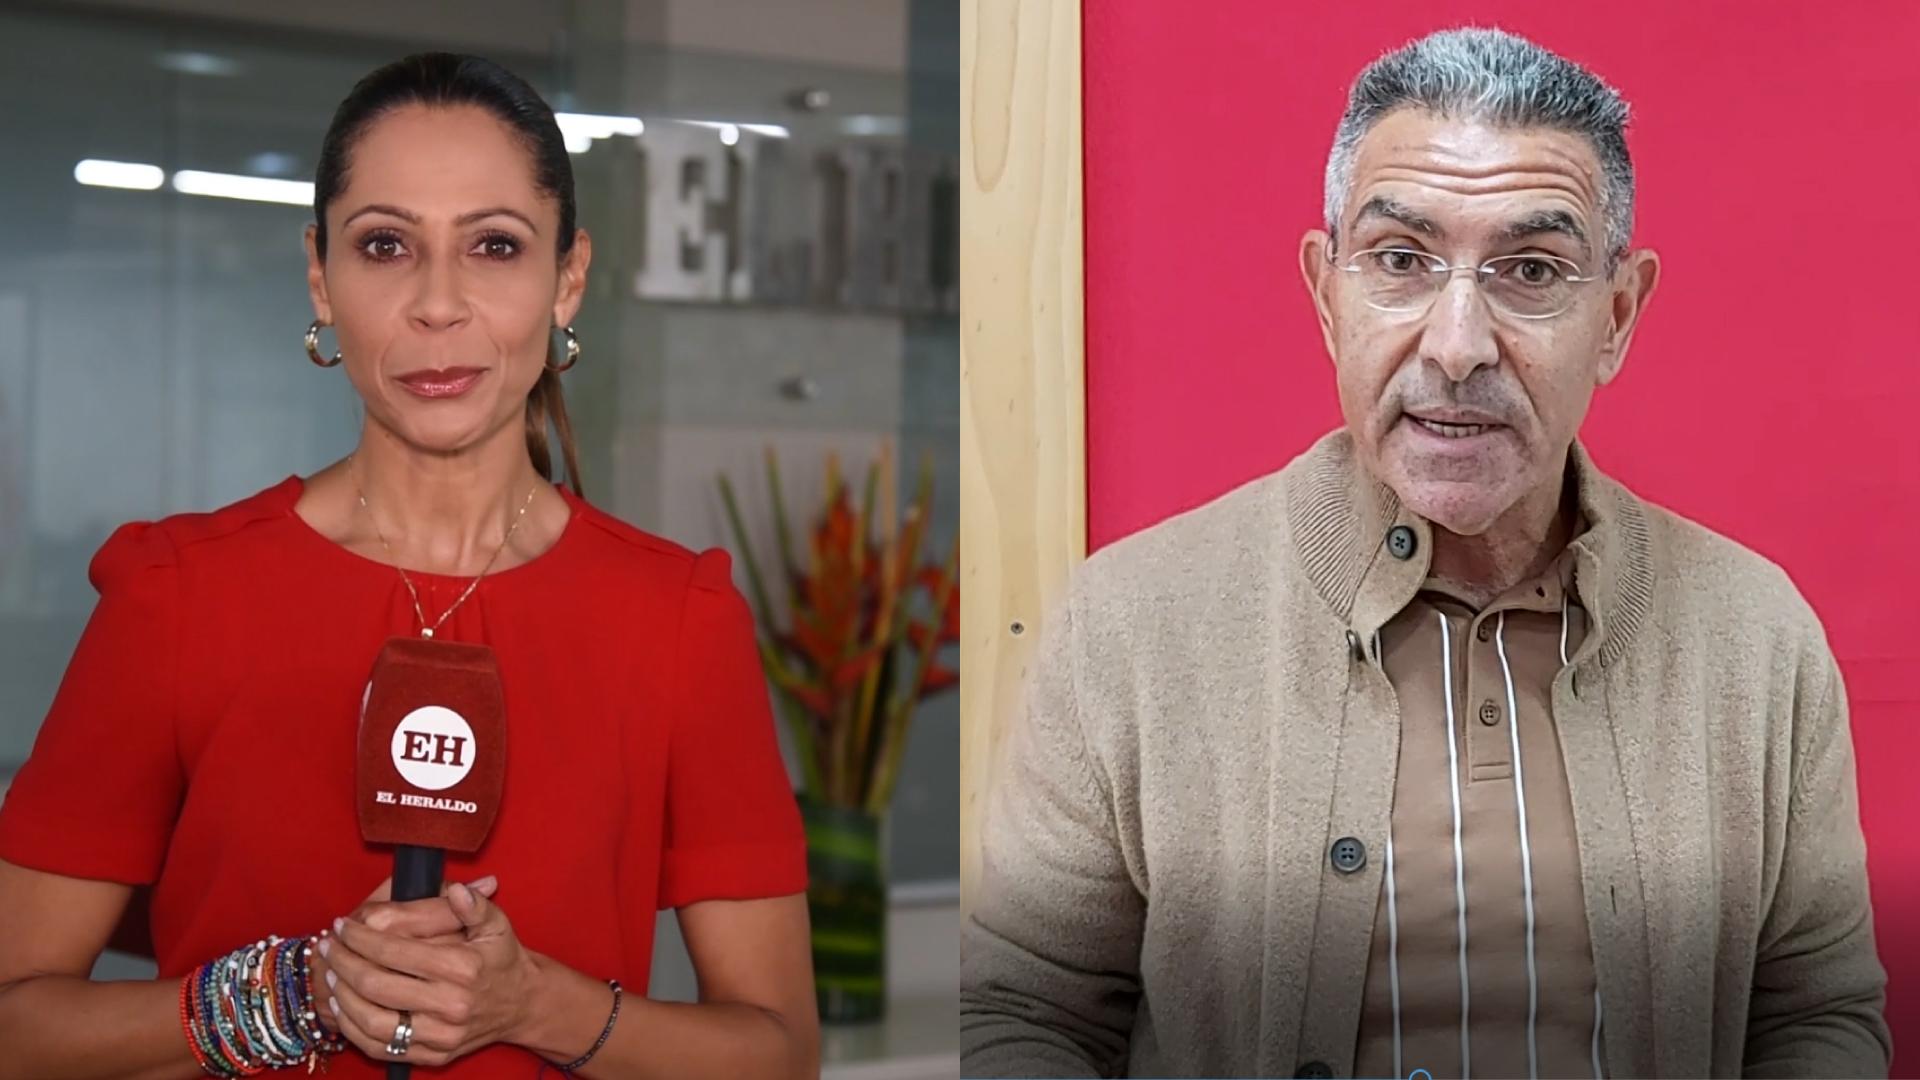 Por iniciativa de Carnaval, personajes de Barranquilla invitan a quedarse en casa